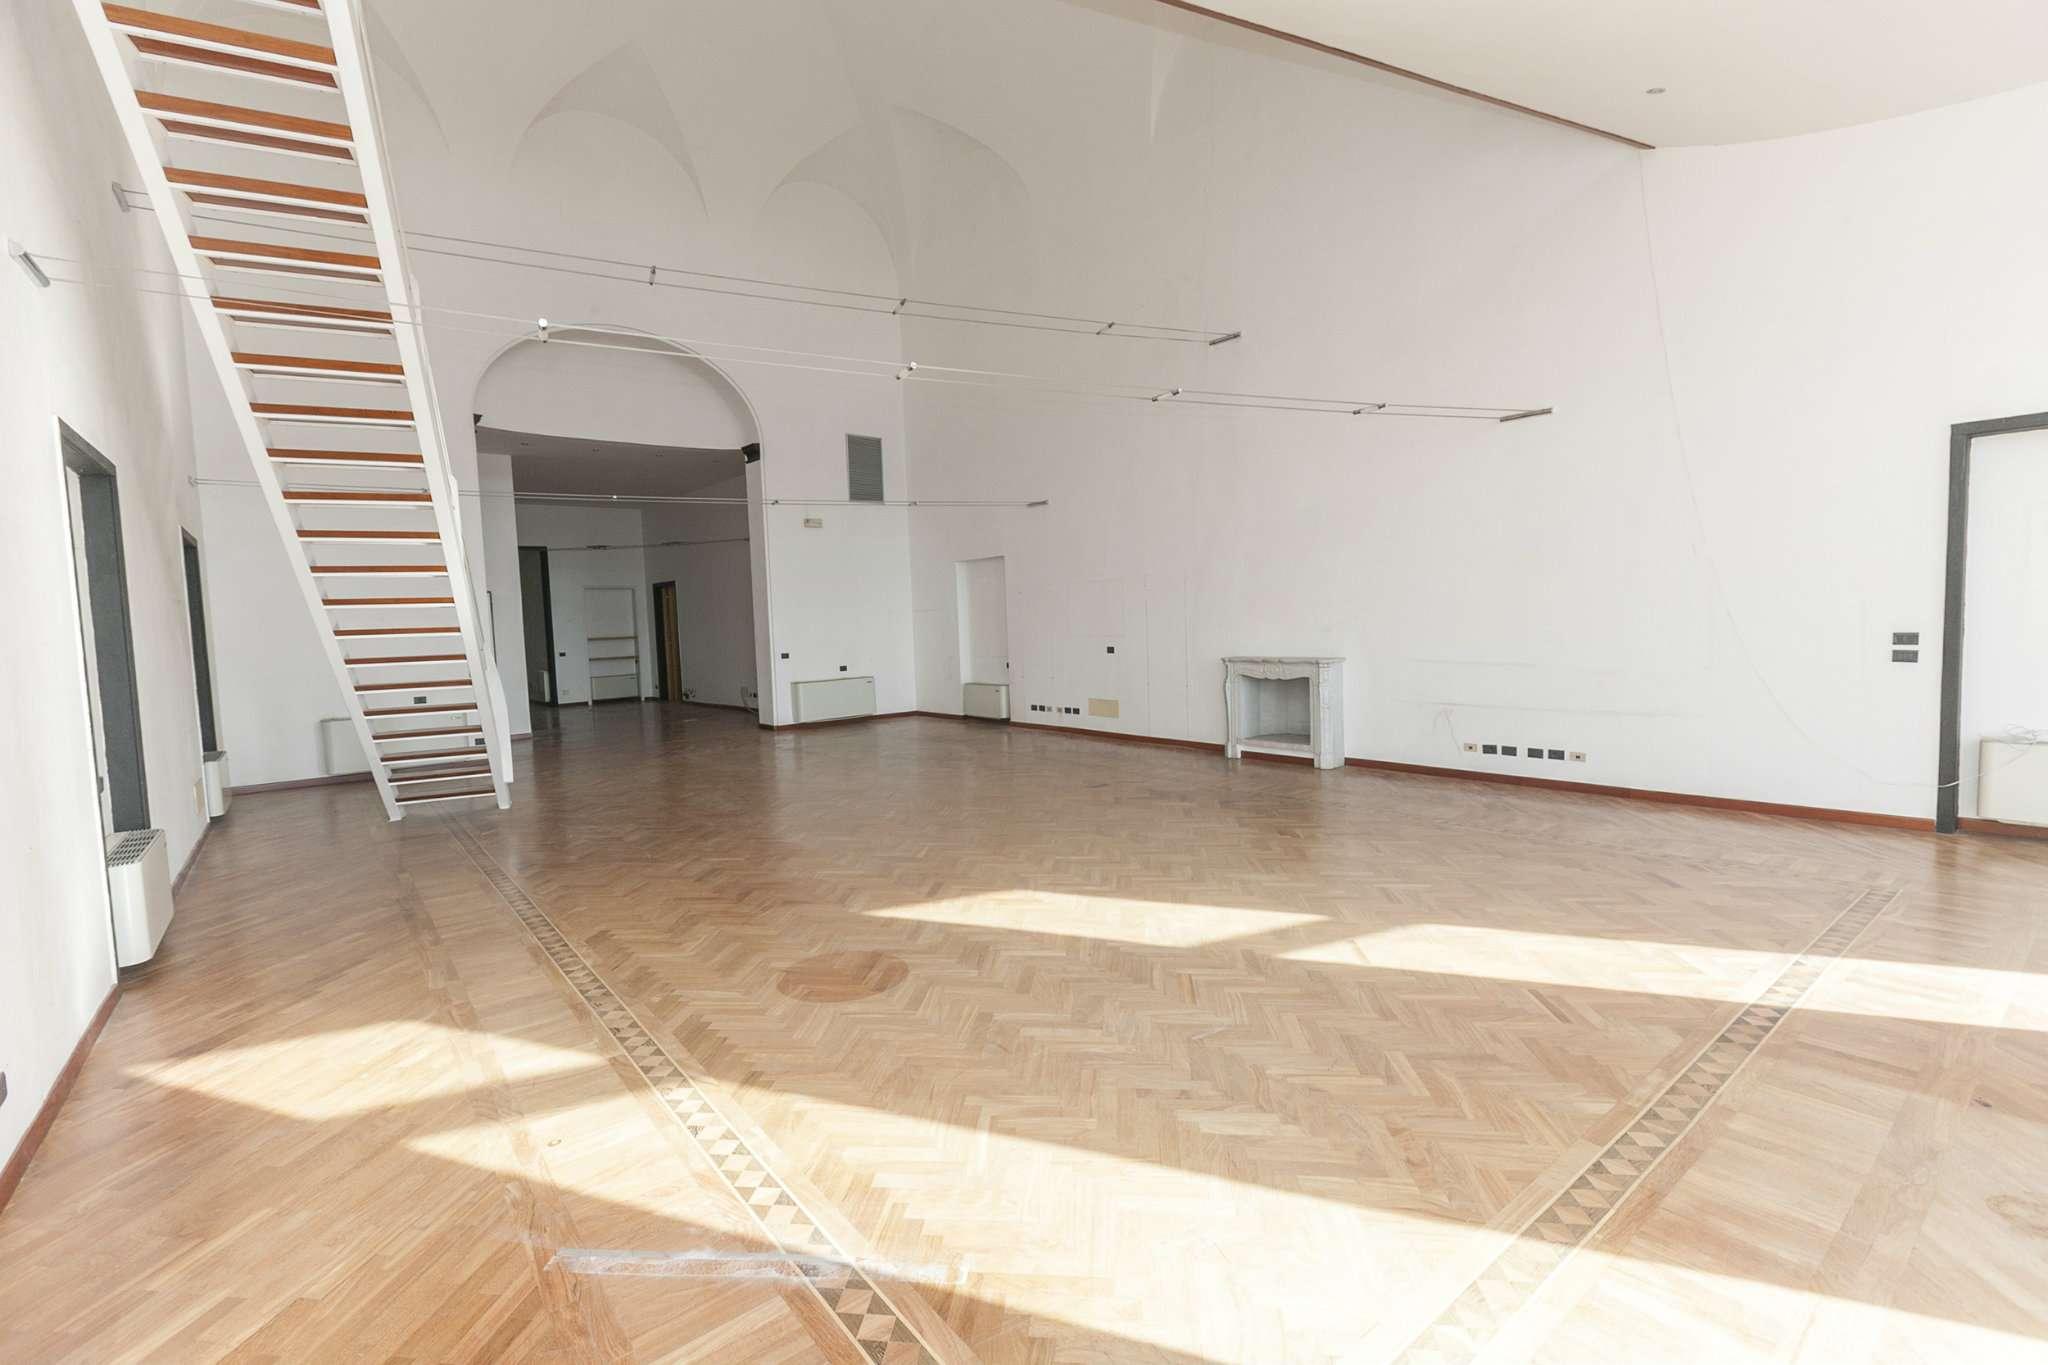 Foto 16 di Loft piazza san marcellino 2, Genova (zona Centro, Centro Storico)